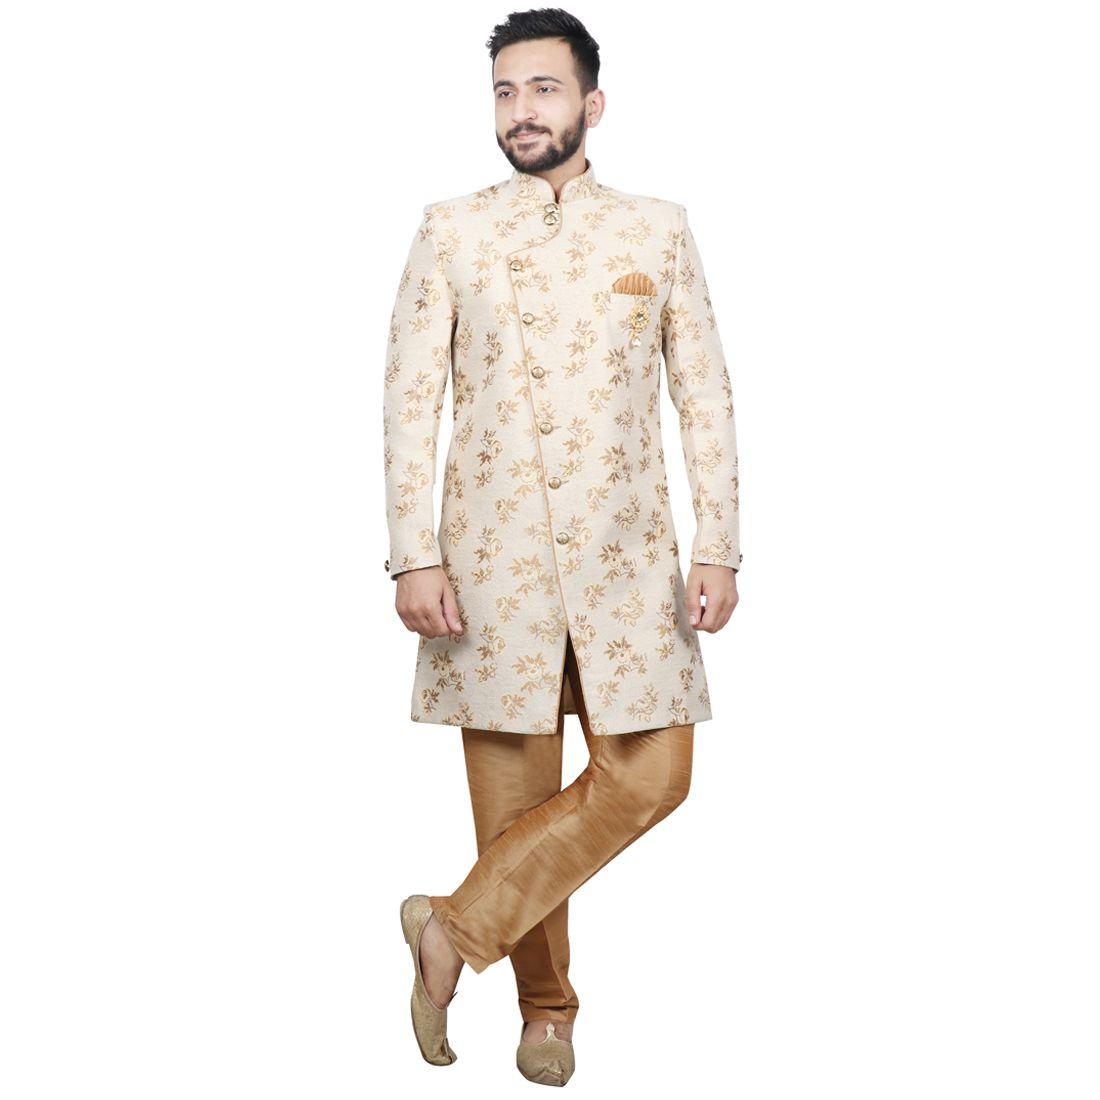 SG RAJASAHAB Gold Silk Sherwani